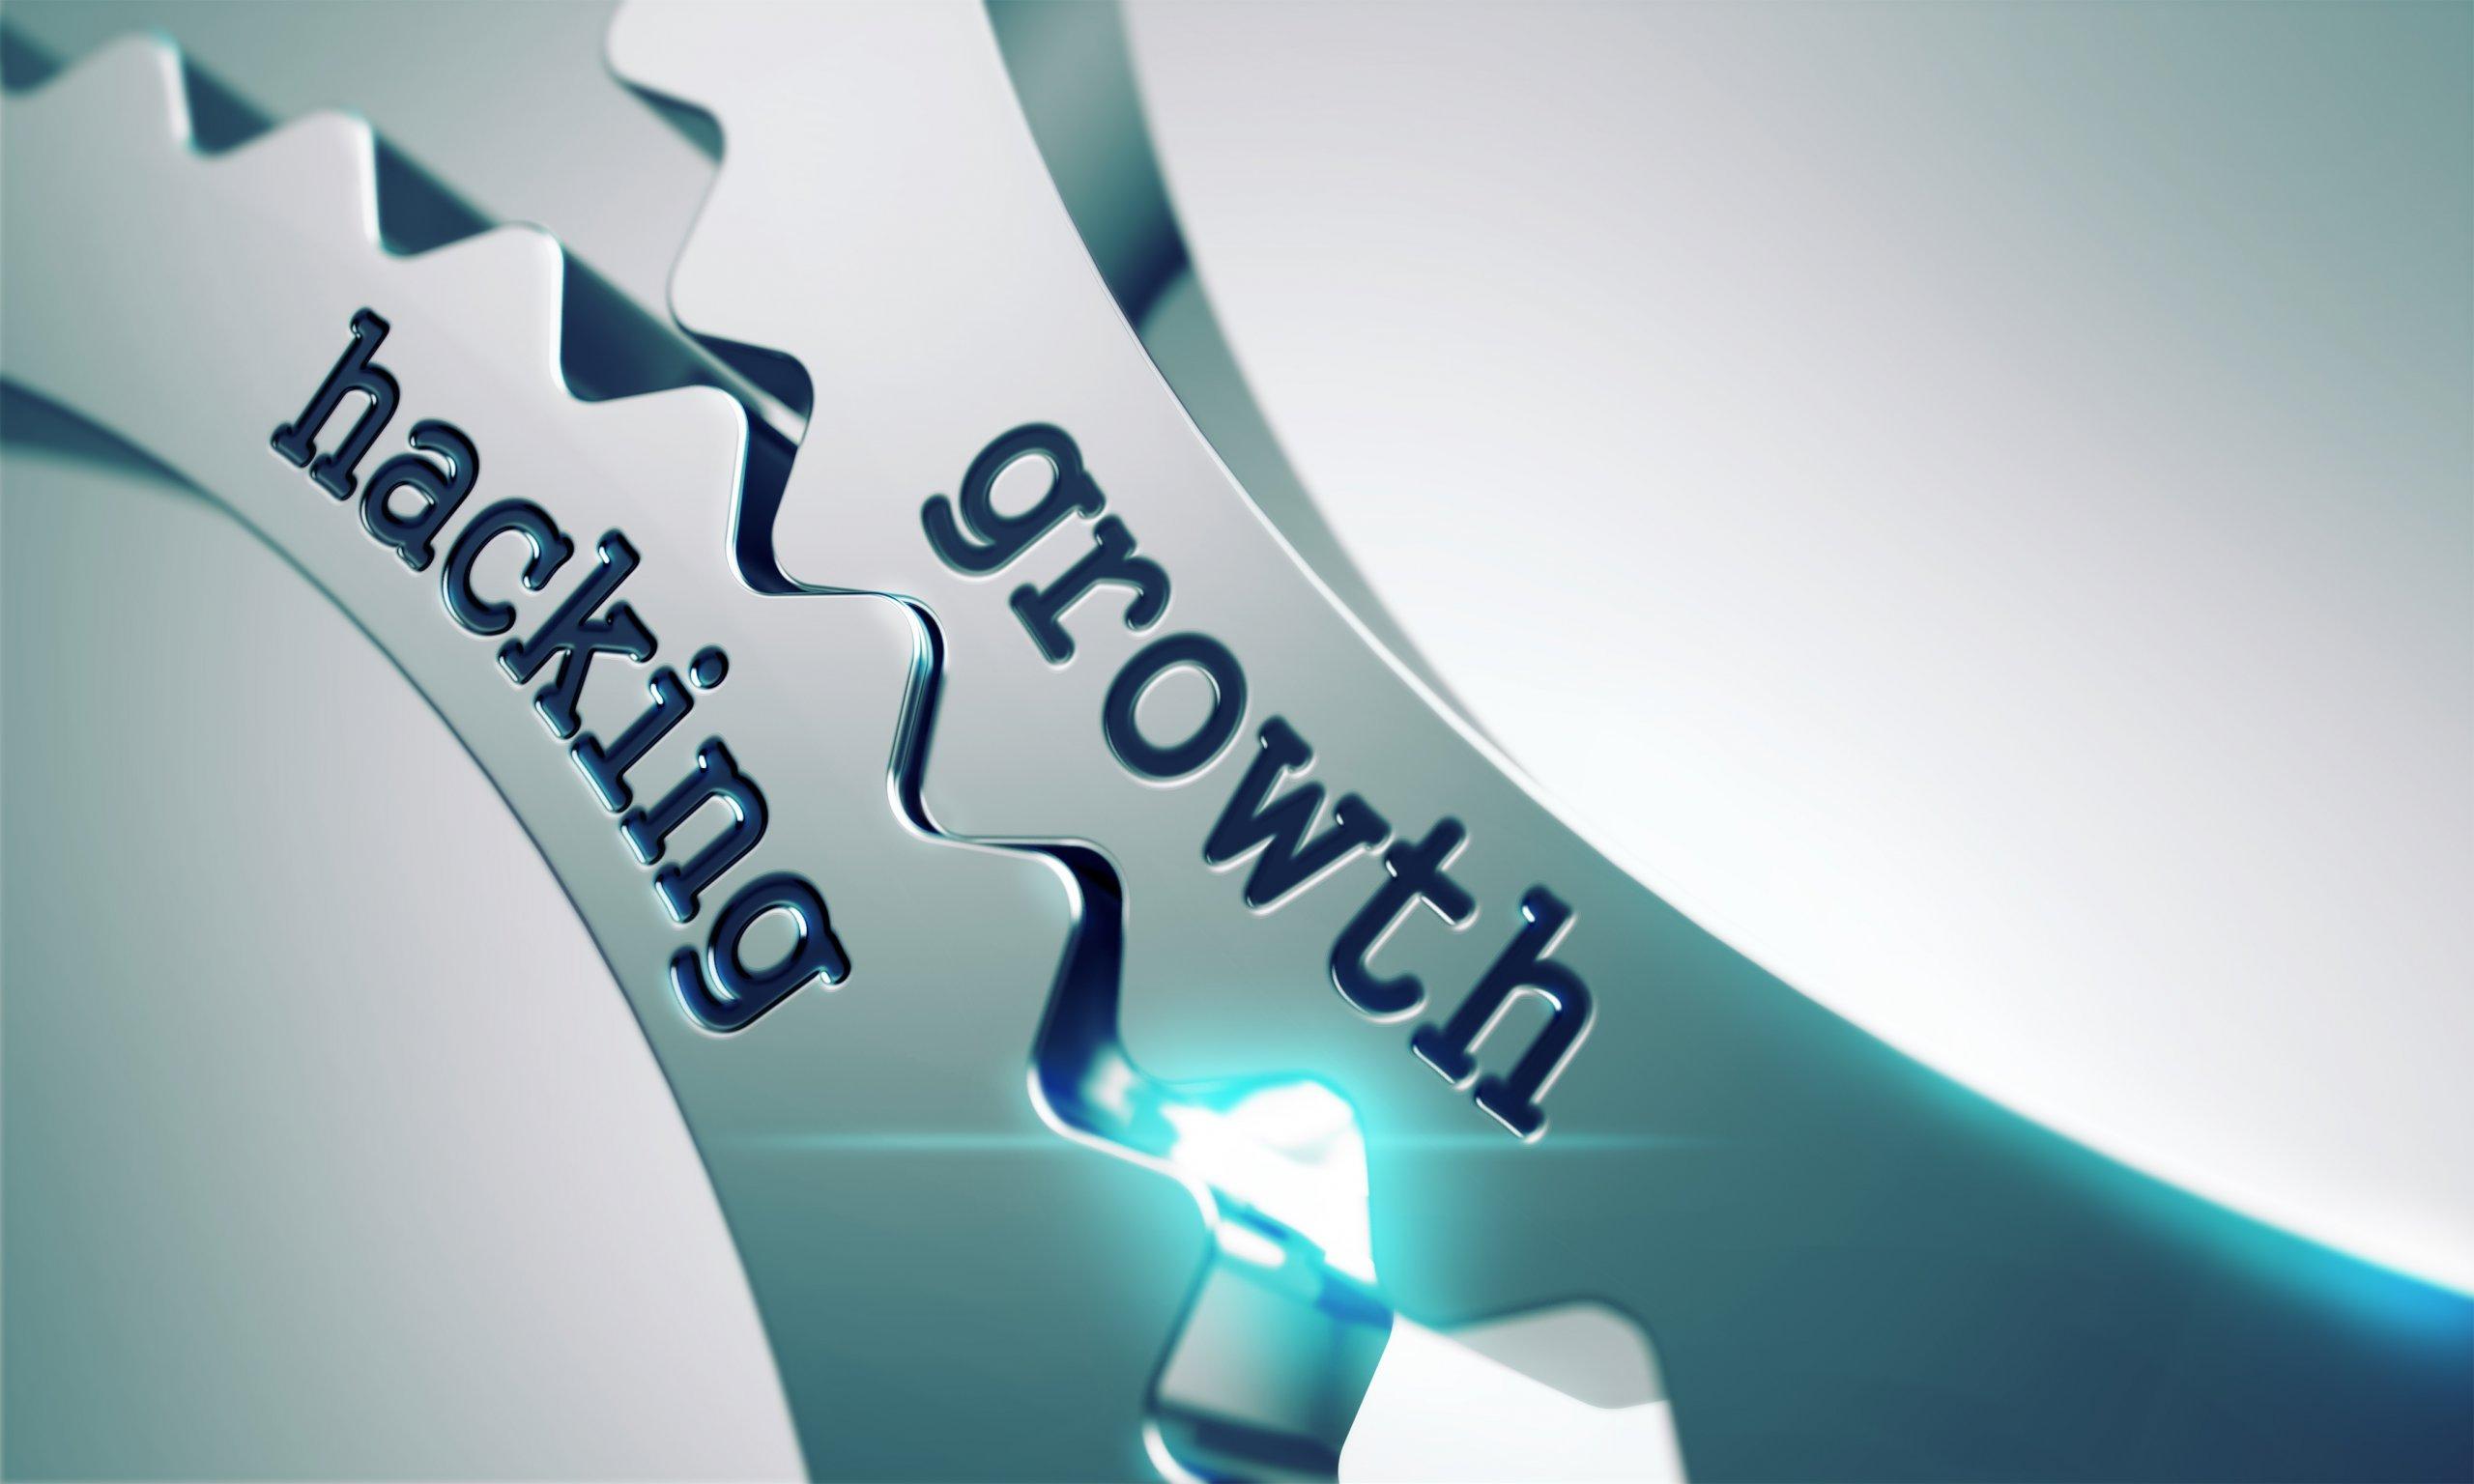 Descubra o que é growth hacking e com isso pode alavancar as suas vendas